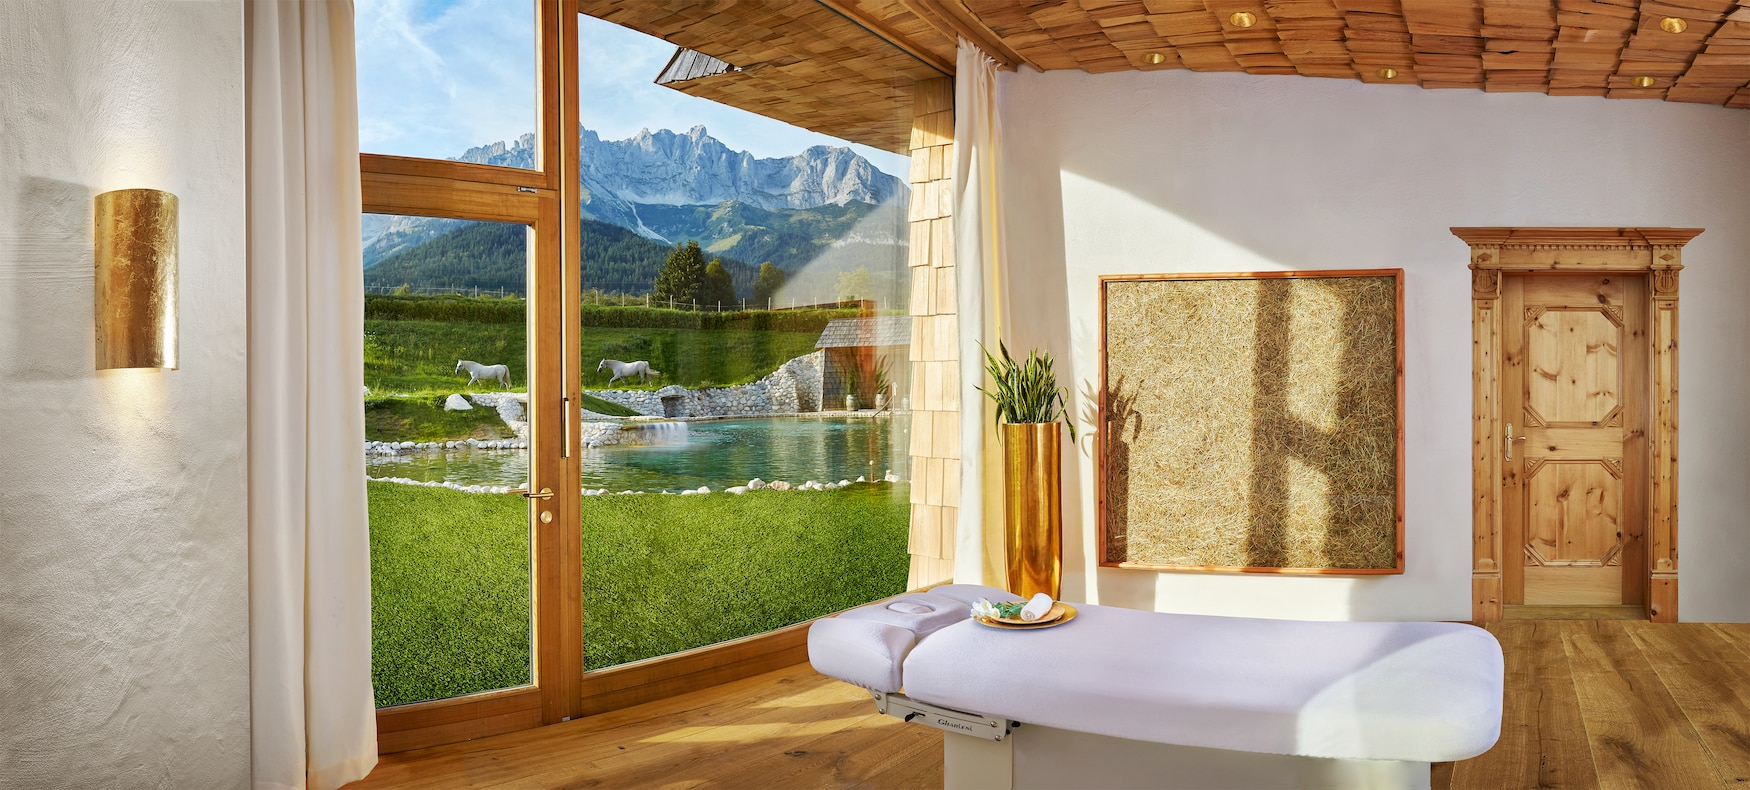 In der Spa-Suite des Stanglwirt lässt es sich bei einer Massage entspannen